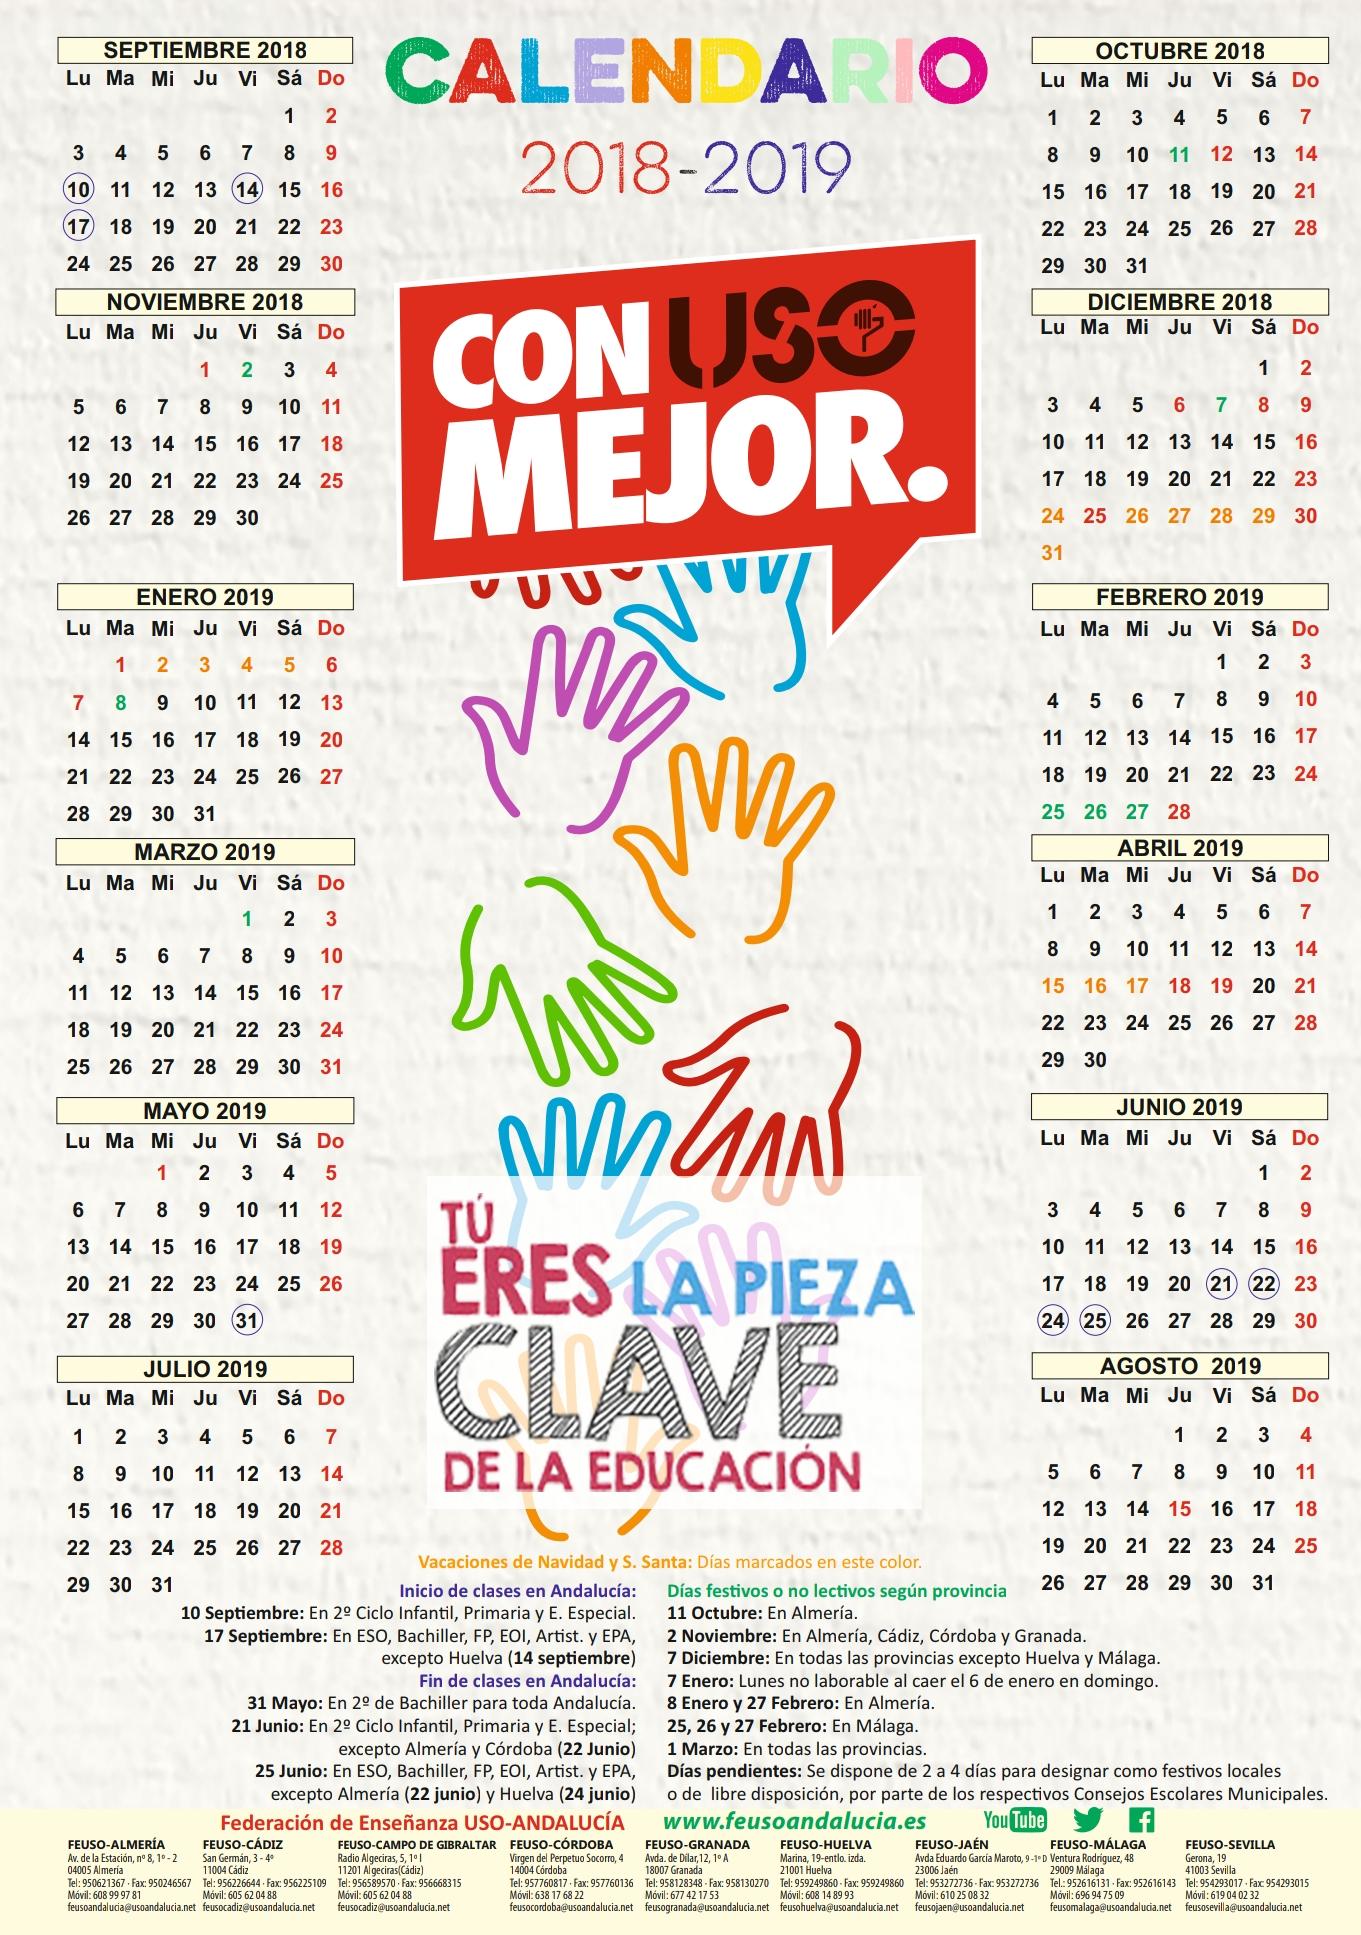 Calendario Escolar Huelva.Calendario Escolar 2018 2019 Para Las Provincias De Andalucia